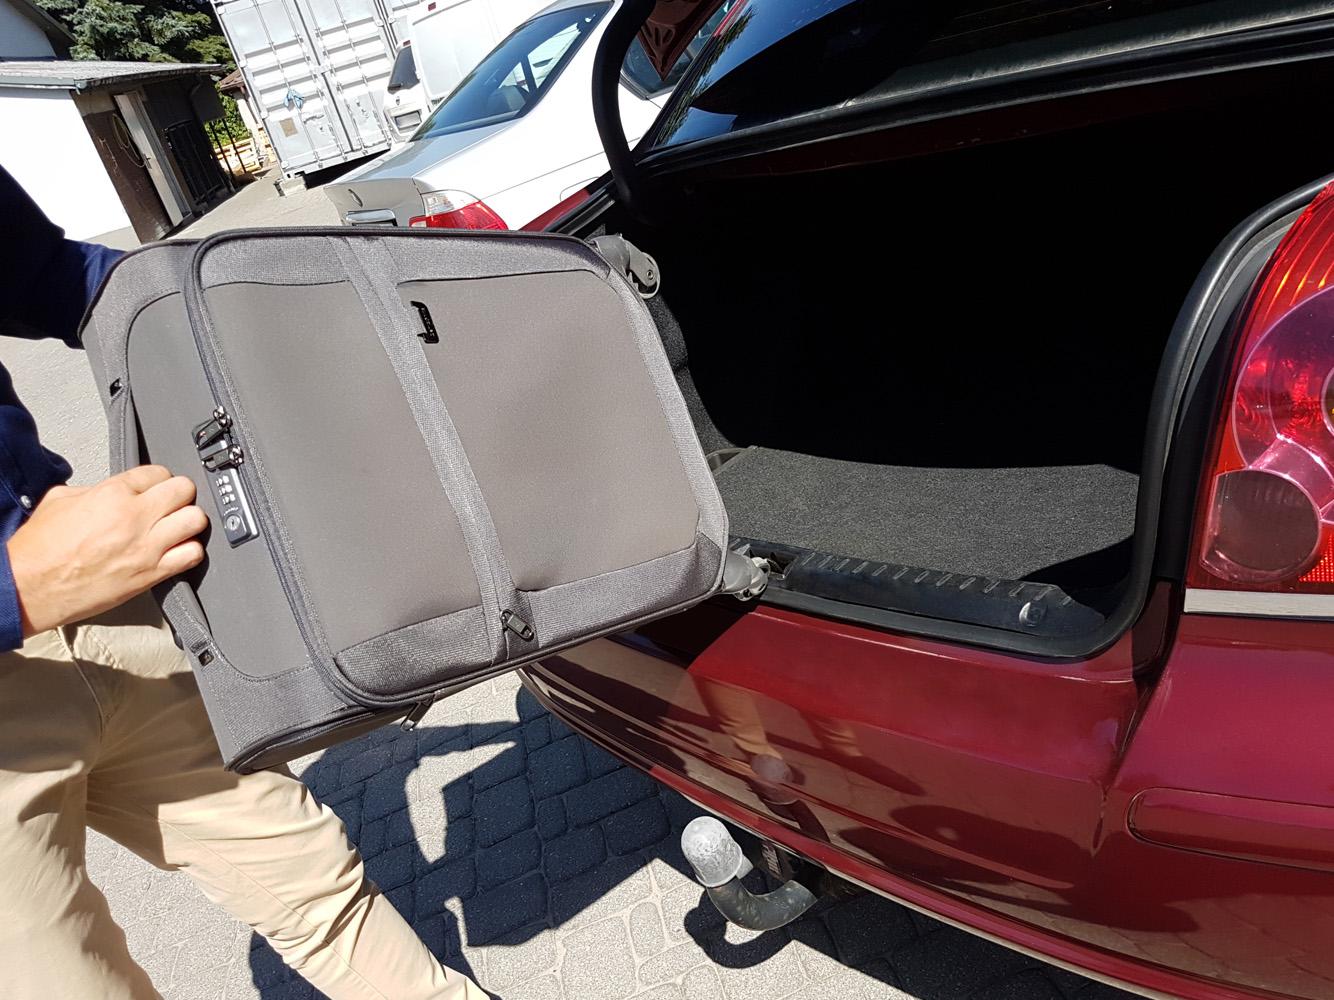 Zarysowanie zderzaka taksówki bagażem